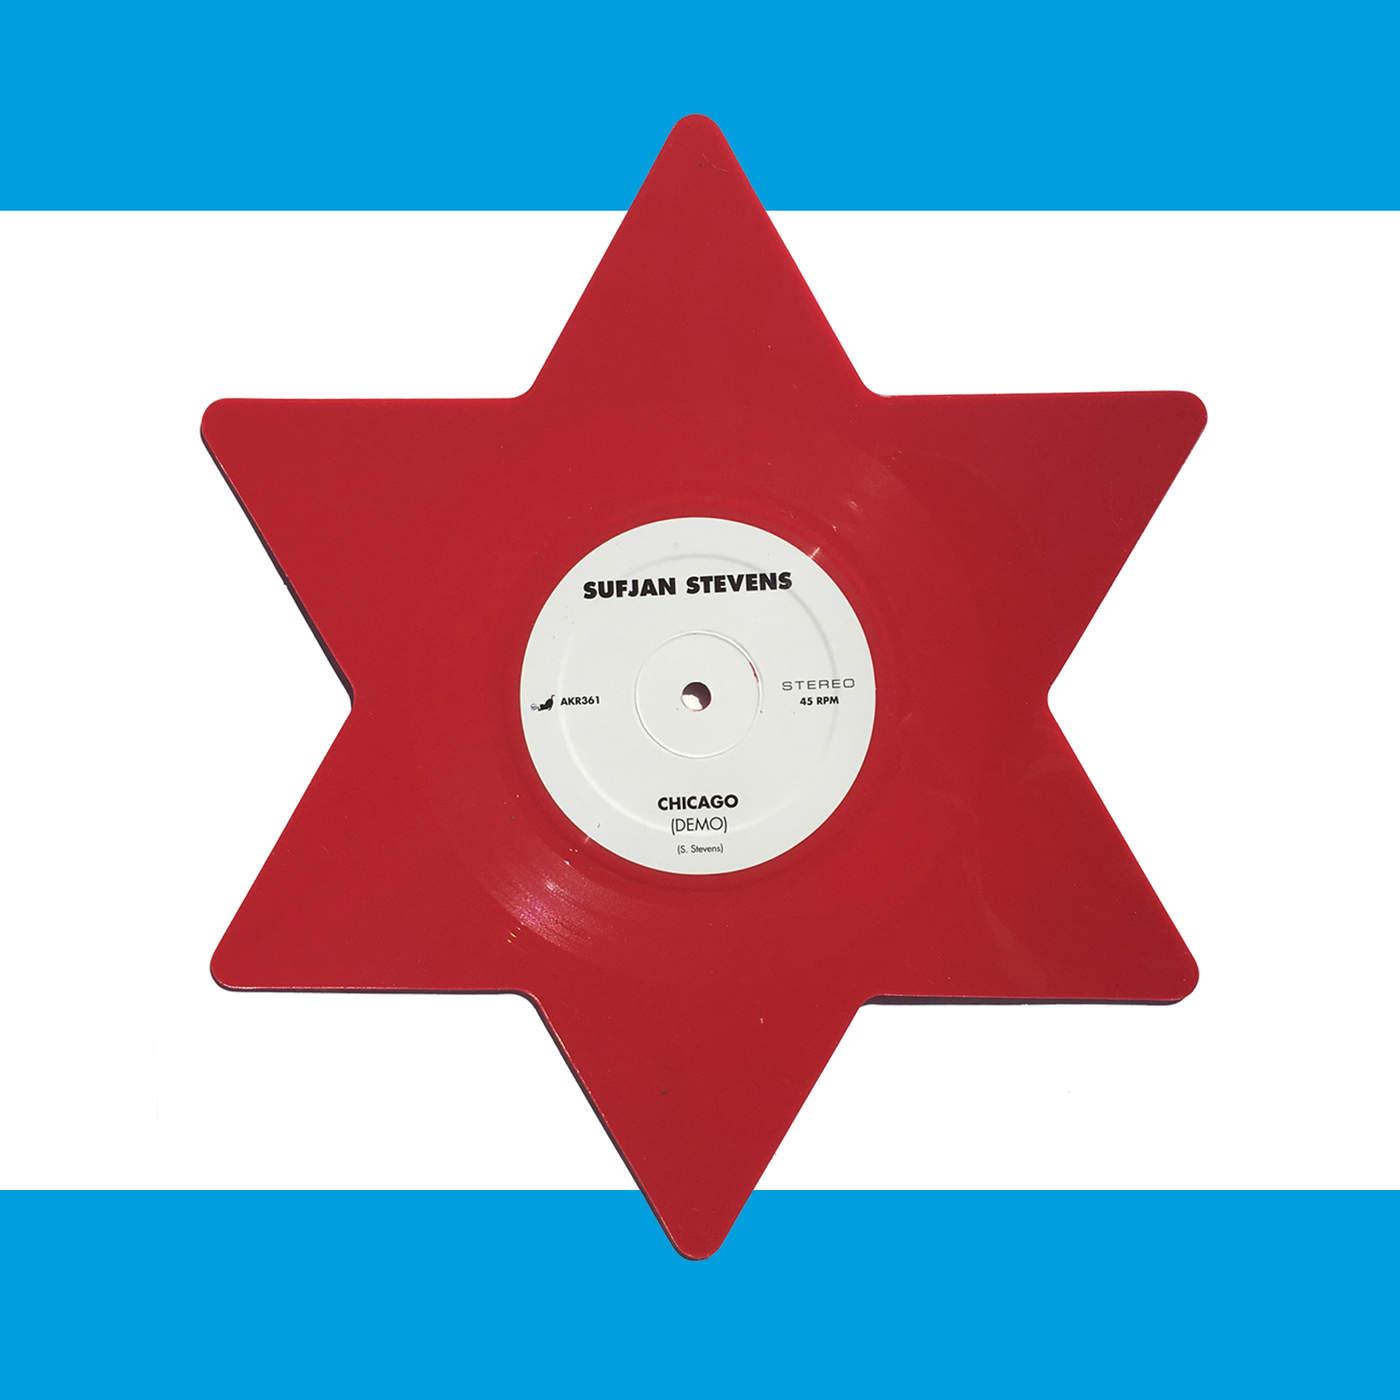 Sufjan Stevens - Chicago (Demo) - Single Cover